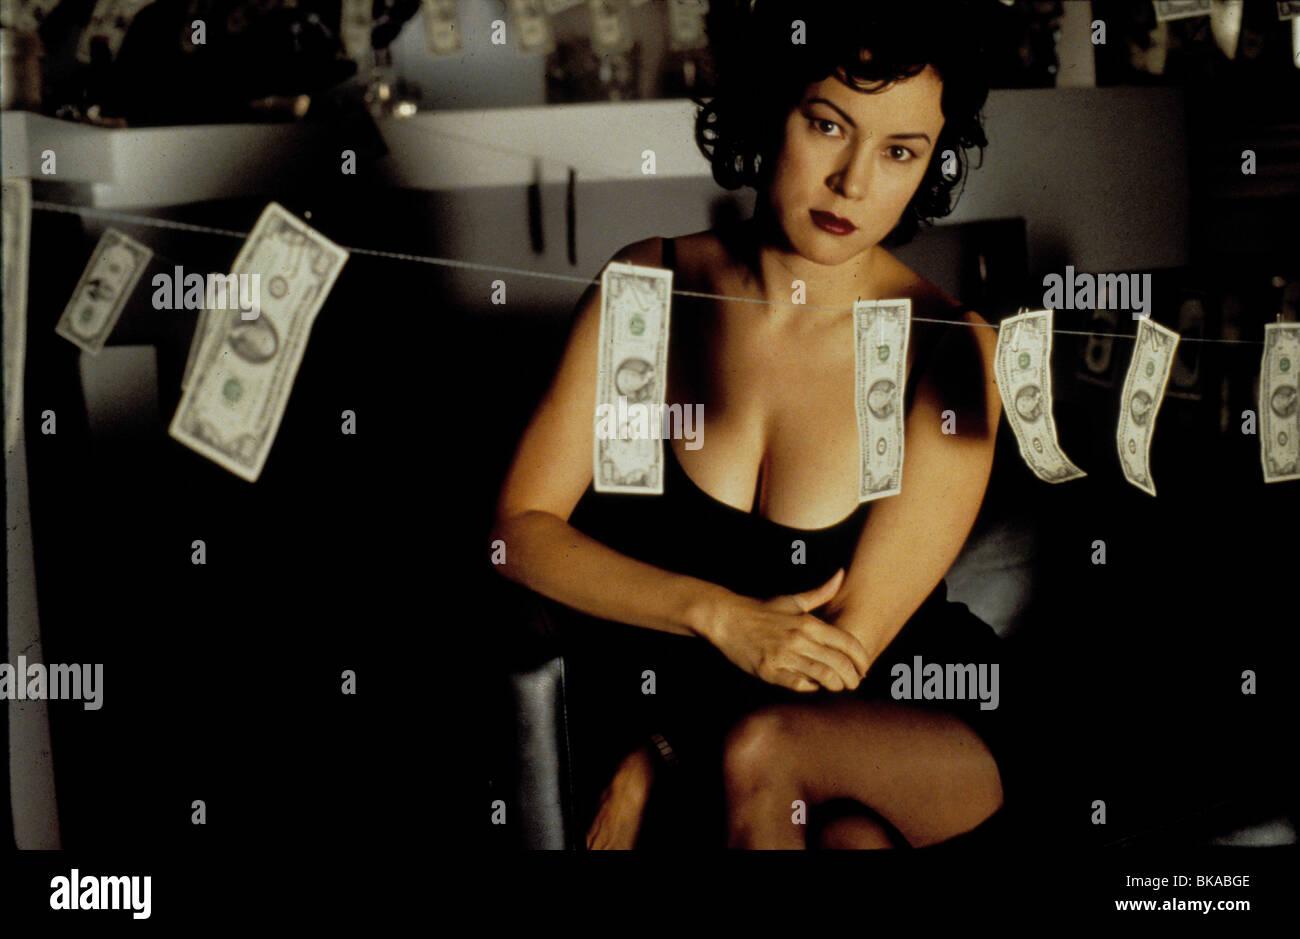 BOUND -1996 JENNIFER TILLY - Stock Image